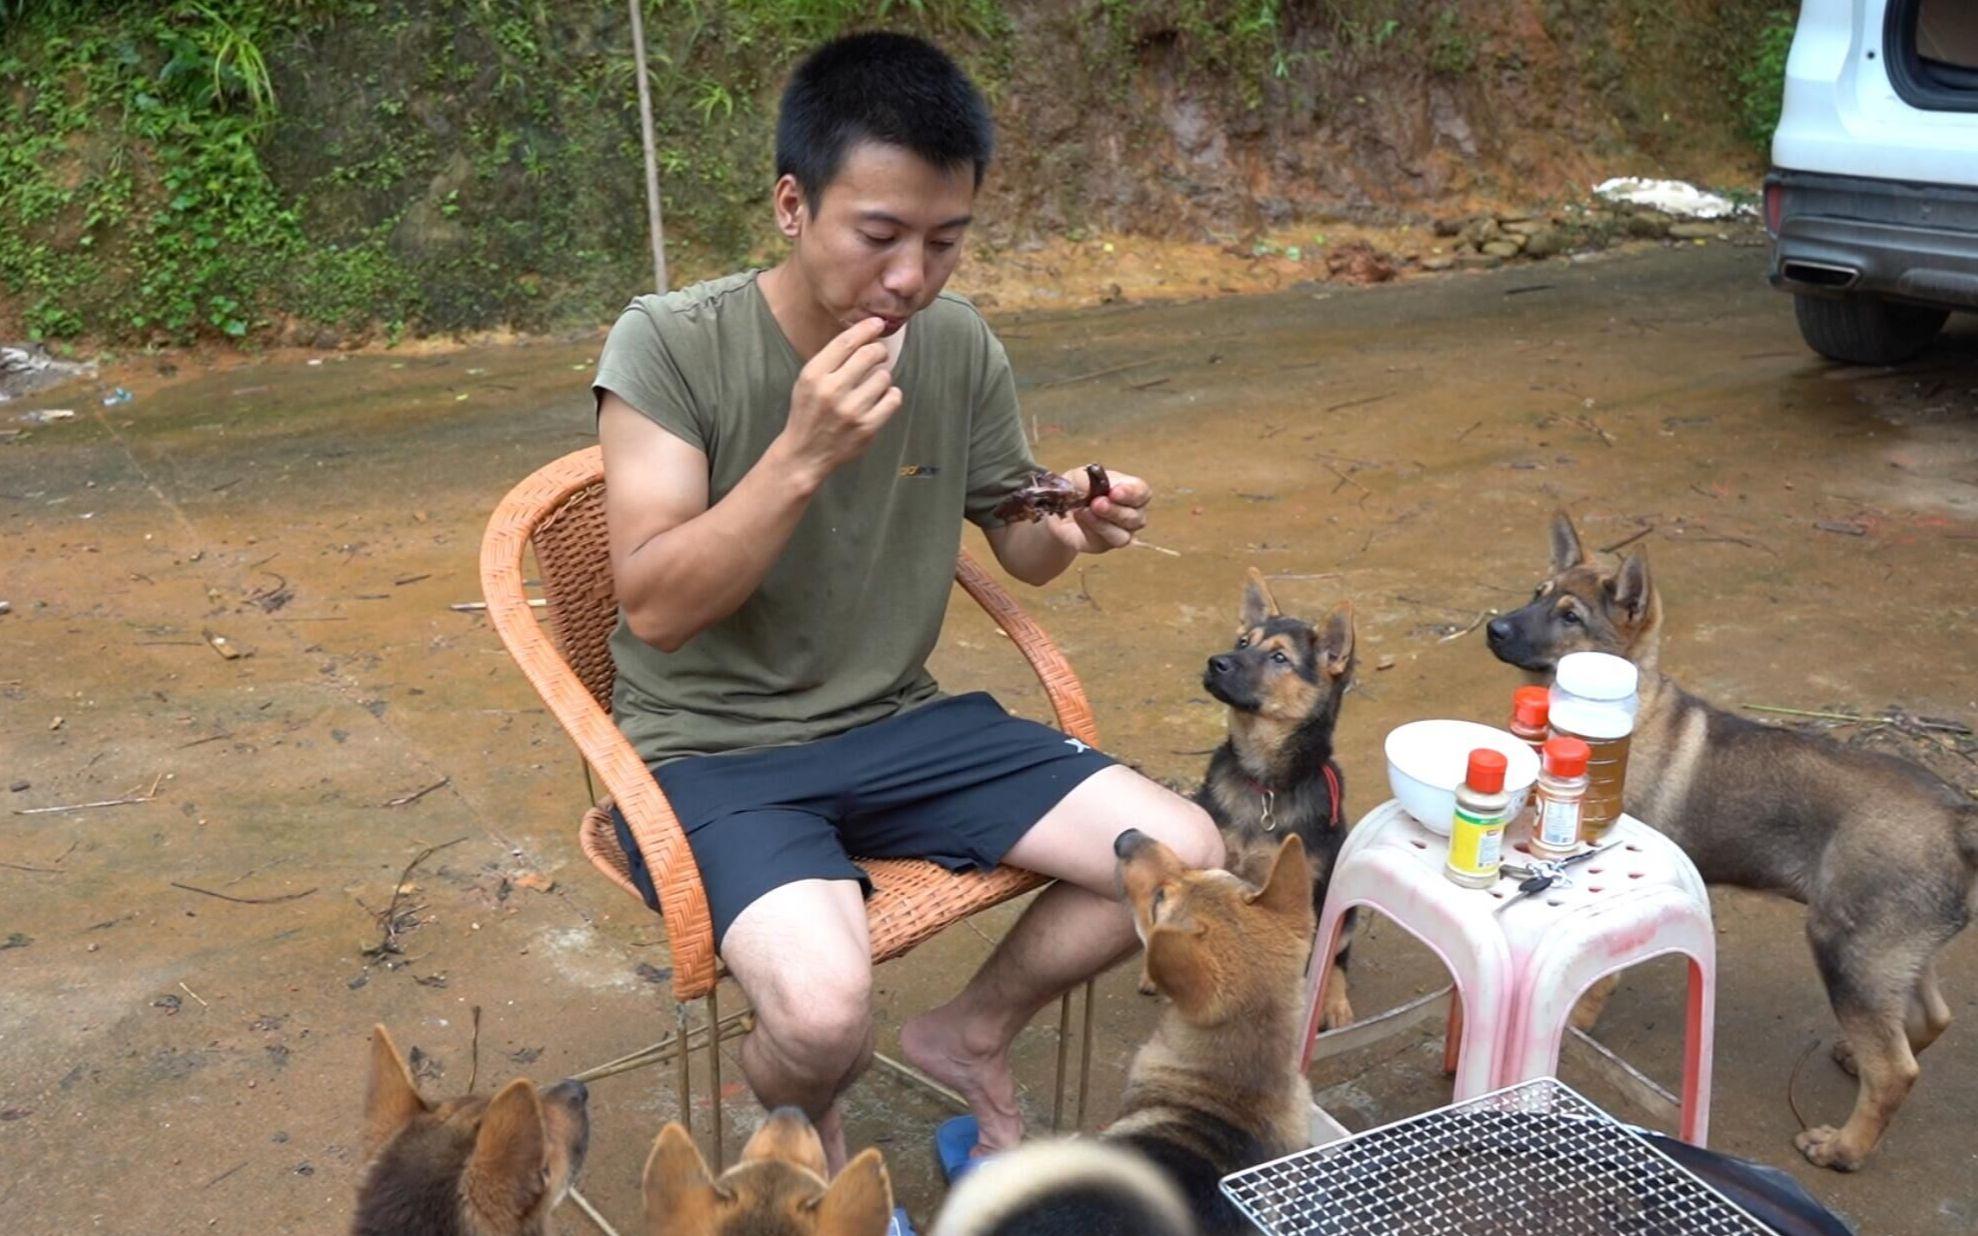 华农兄弟:兄弟送来一只鸽子,整天不吃不喝,只好把它烤了